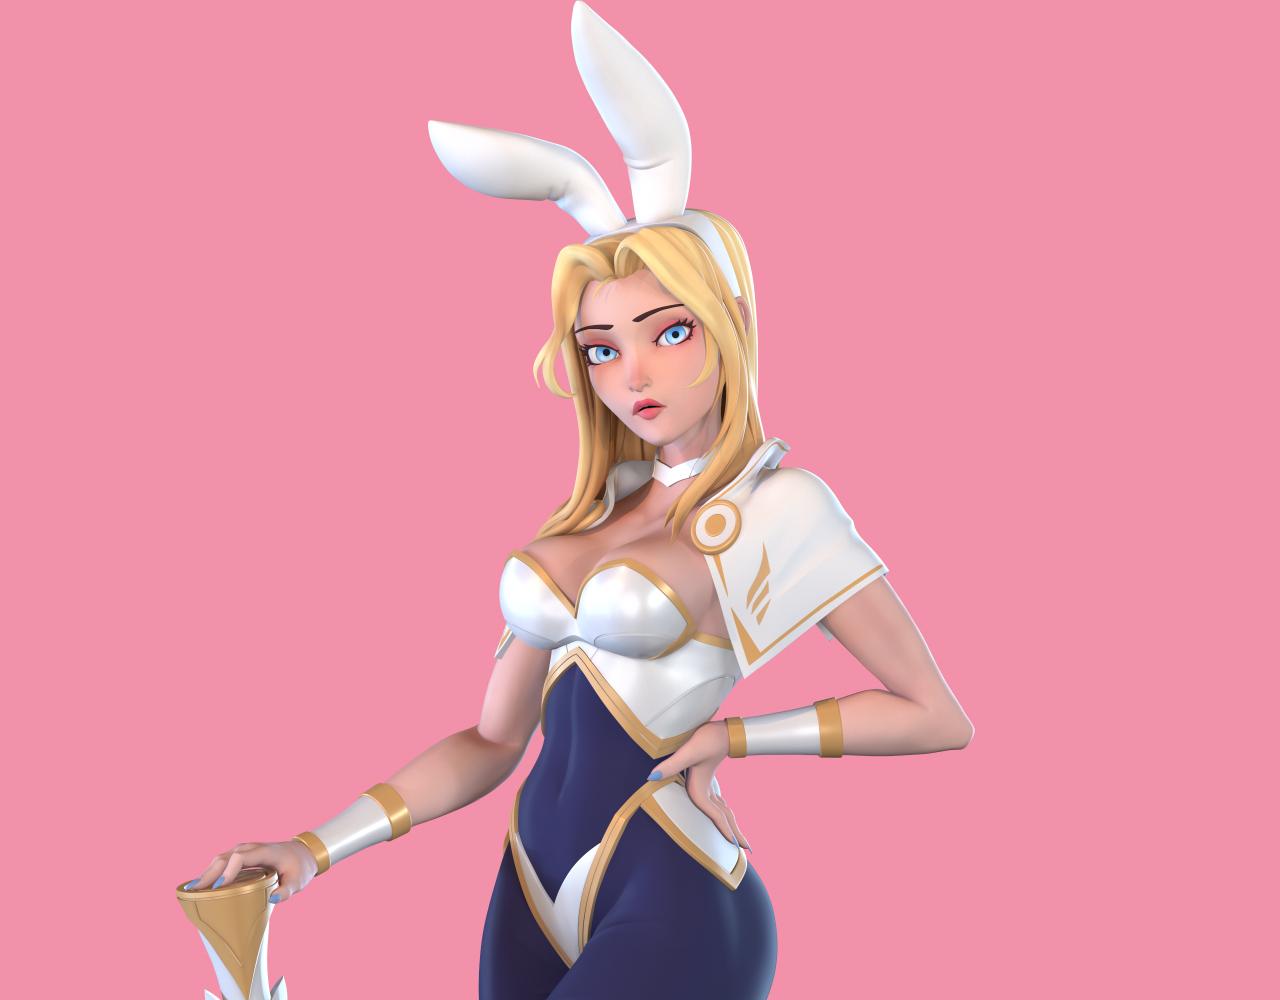 粉丝art lux Battle Bunny